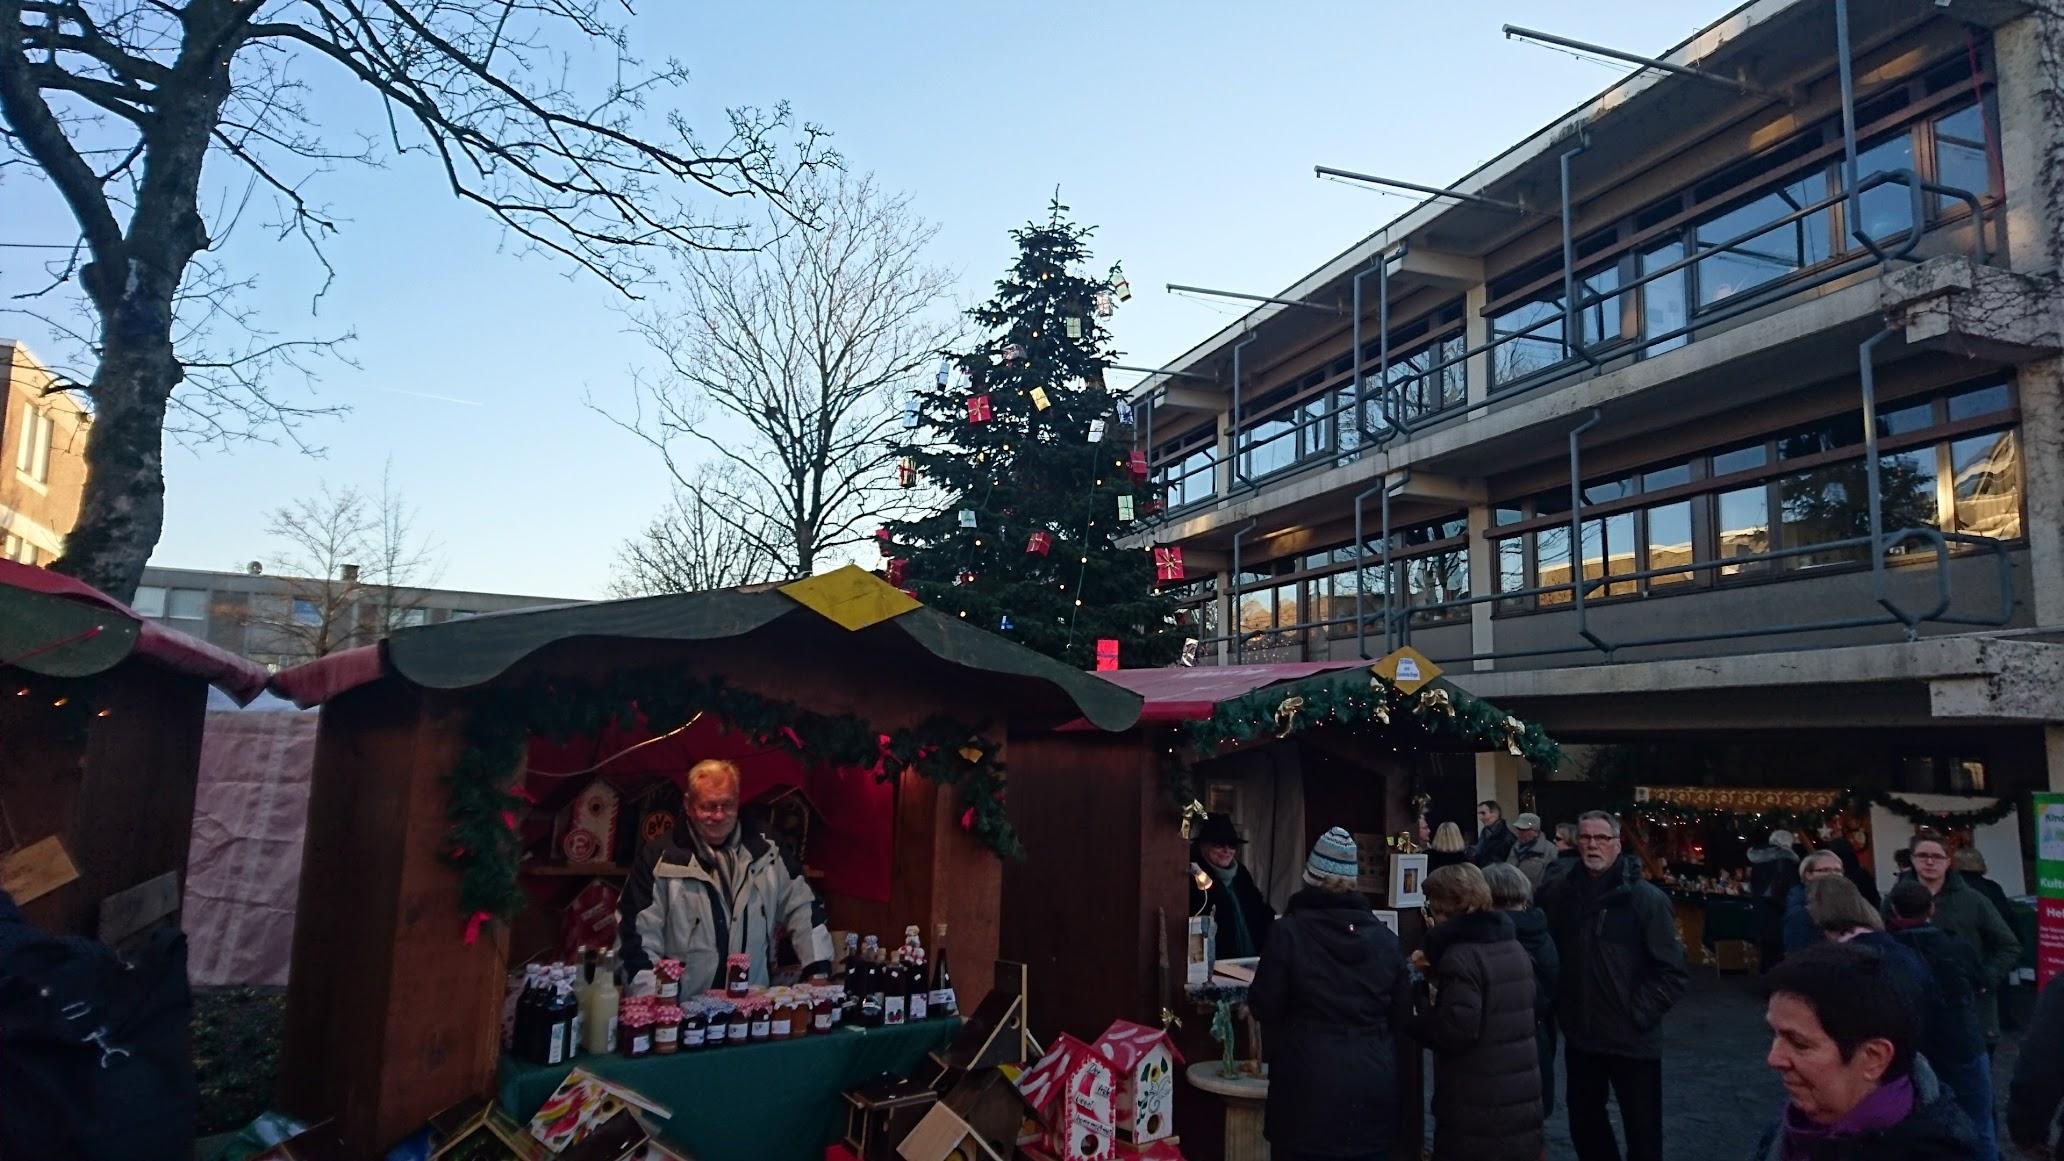 Spekulatiusmarkt Büttgen 2016 Weihnachtsbaum